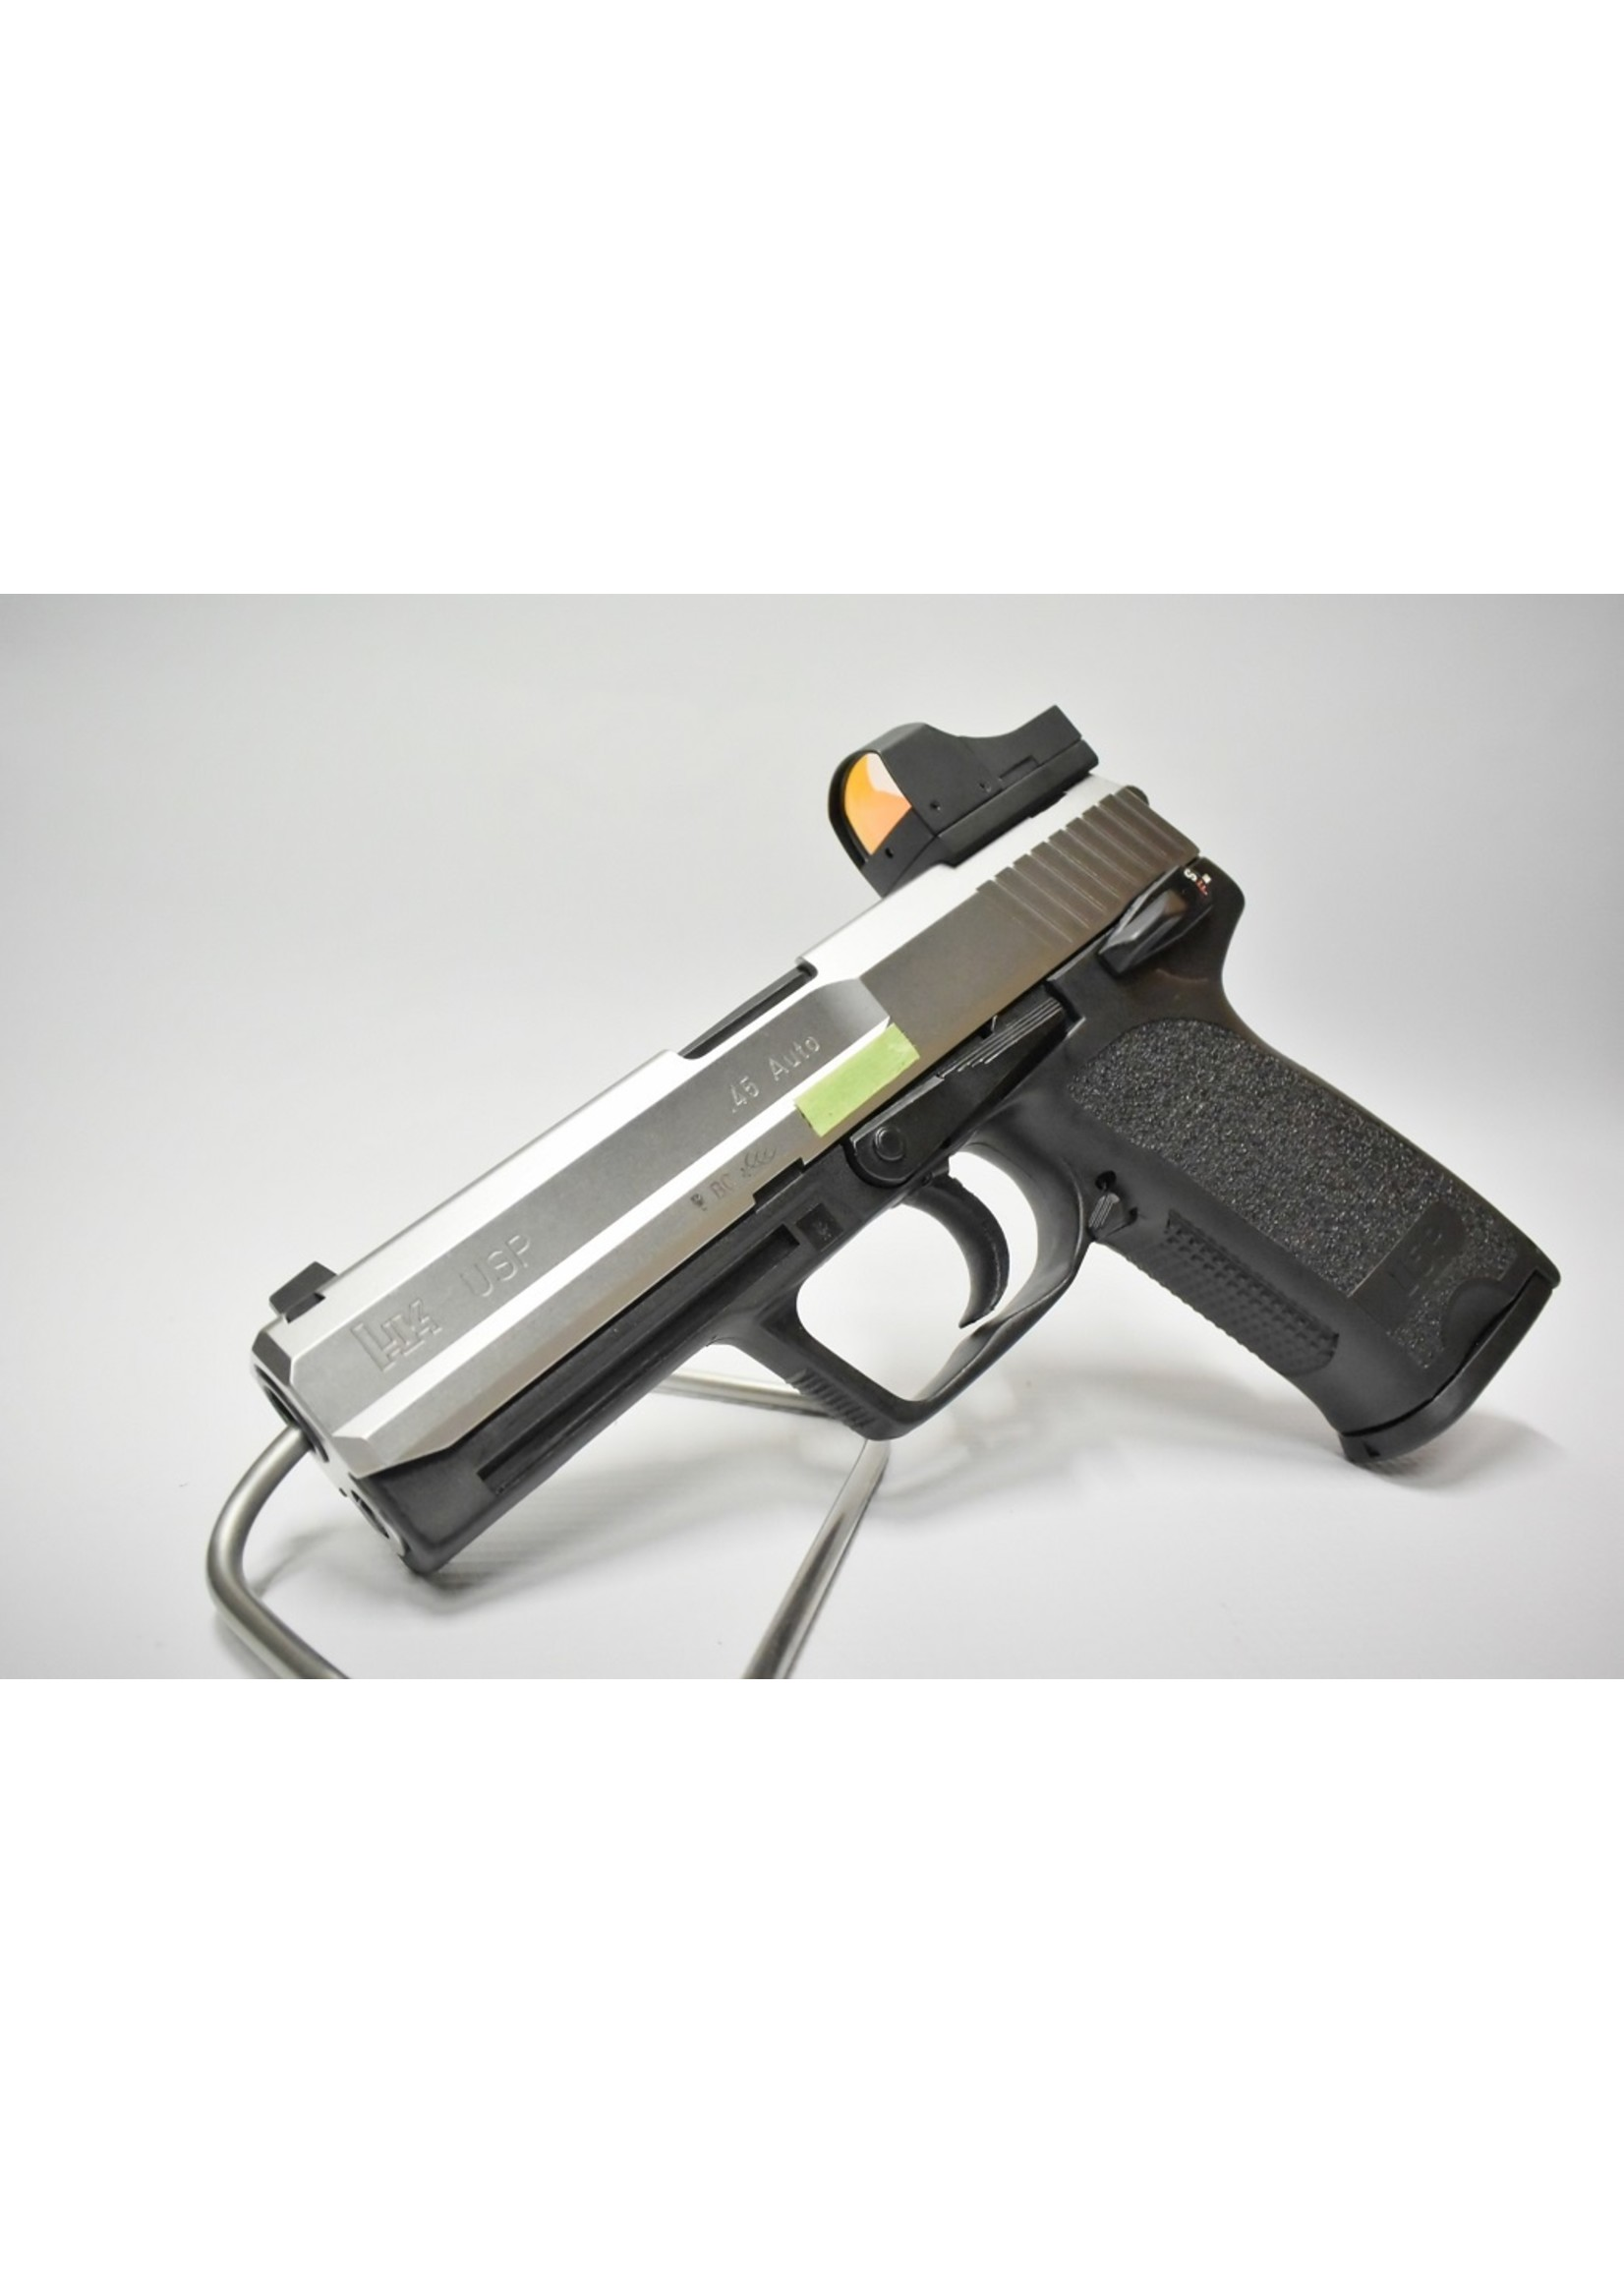 Vector Optics V.O.Sphinx (Burris/Doctor capable) Red-Dot Pistol Mount Base ( GLOCK, Sig p226, 1911GI, Beretta 92, HK USP)